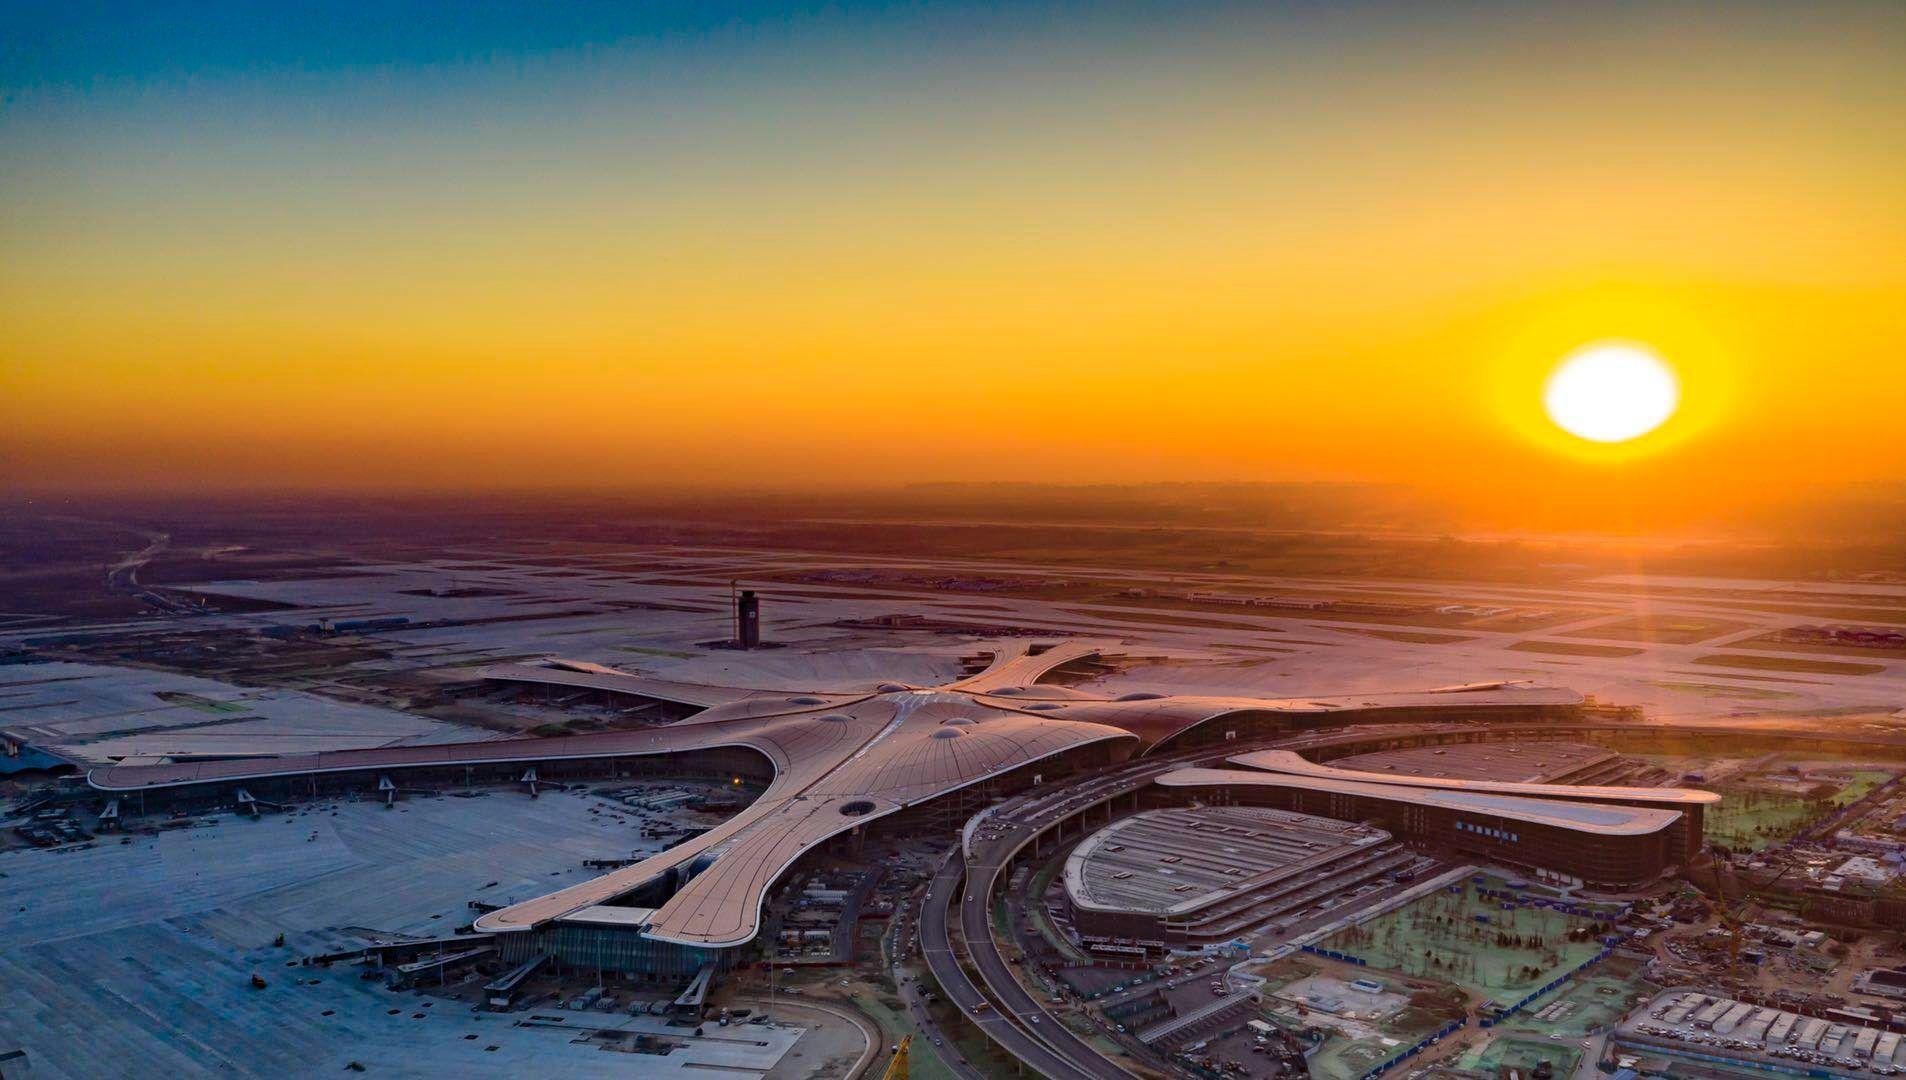 大兴机场明日校飞,记者实地探访机场准备情况